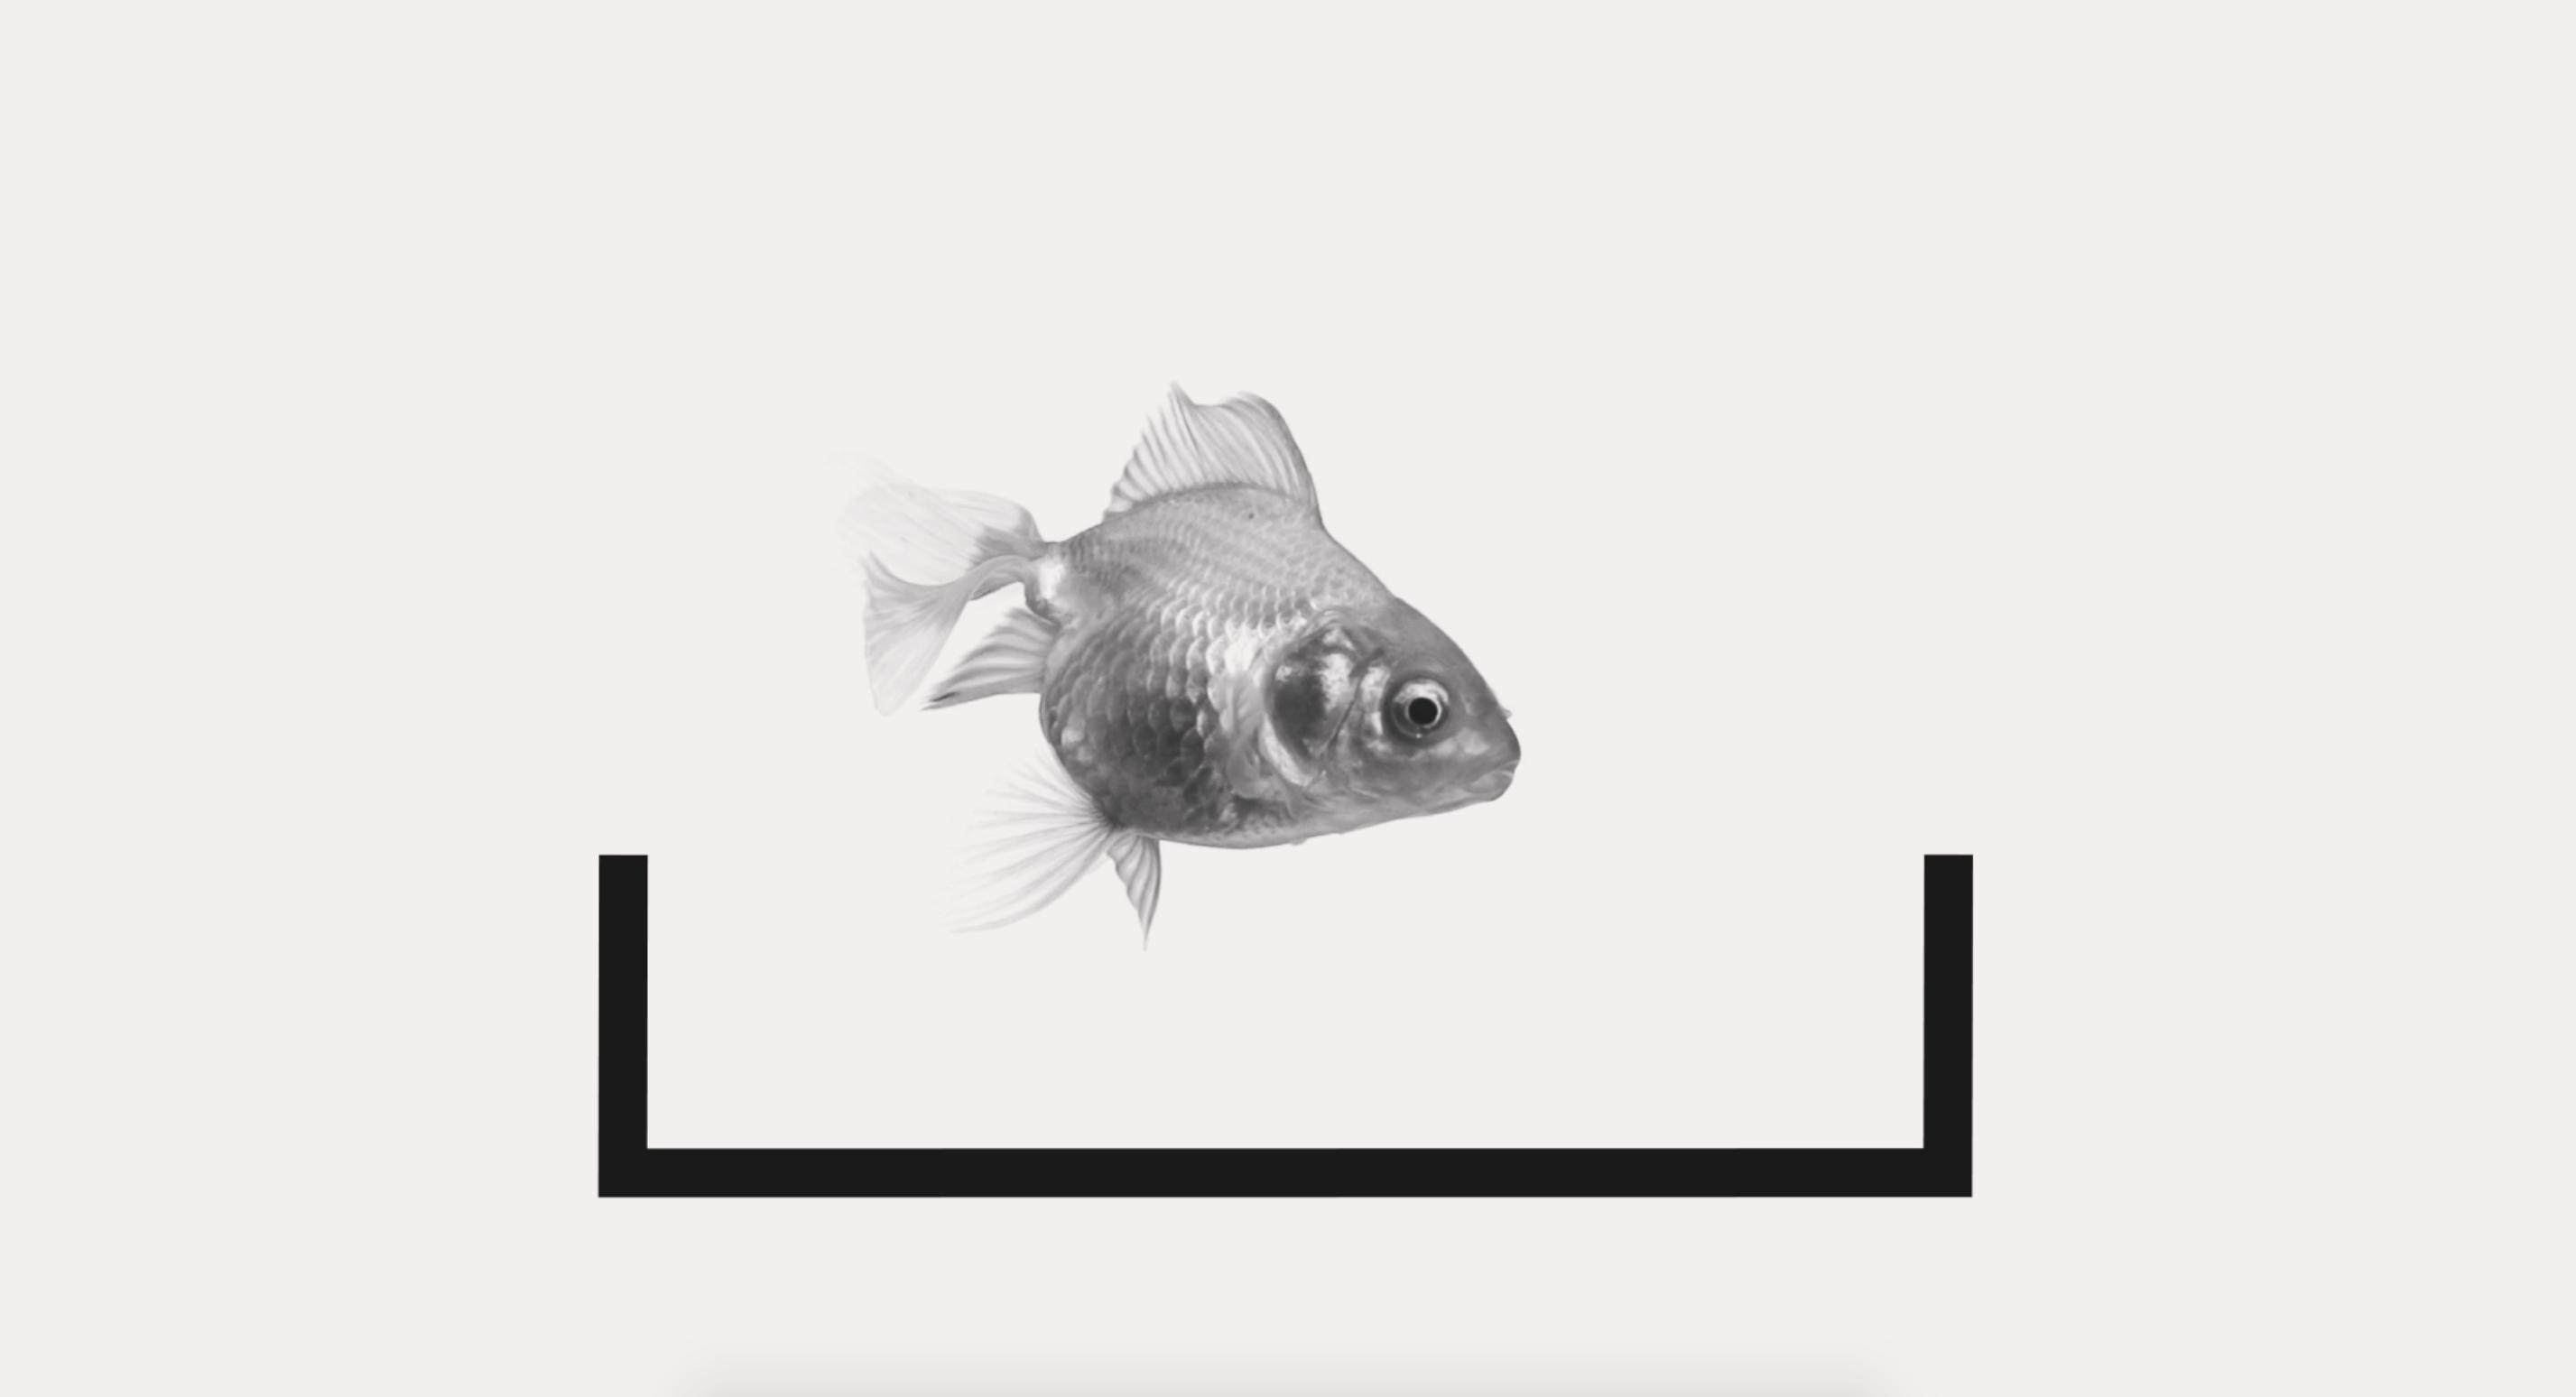 2854x1548 Fuel Video Still Goldfish Fuel Transport